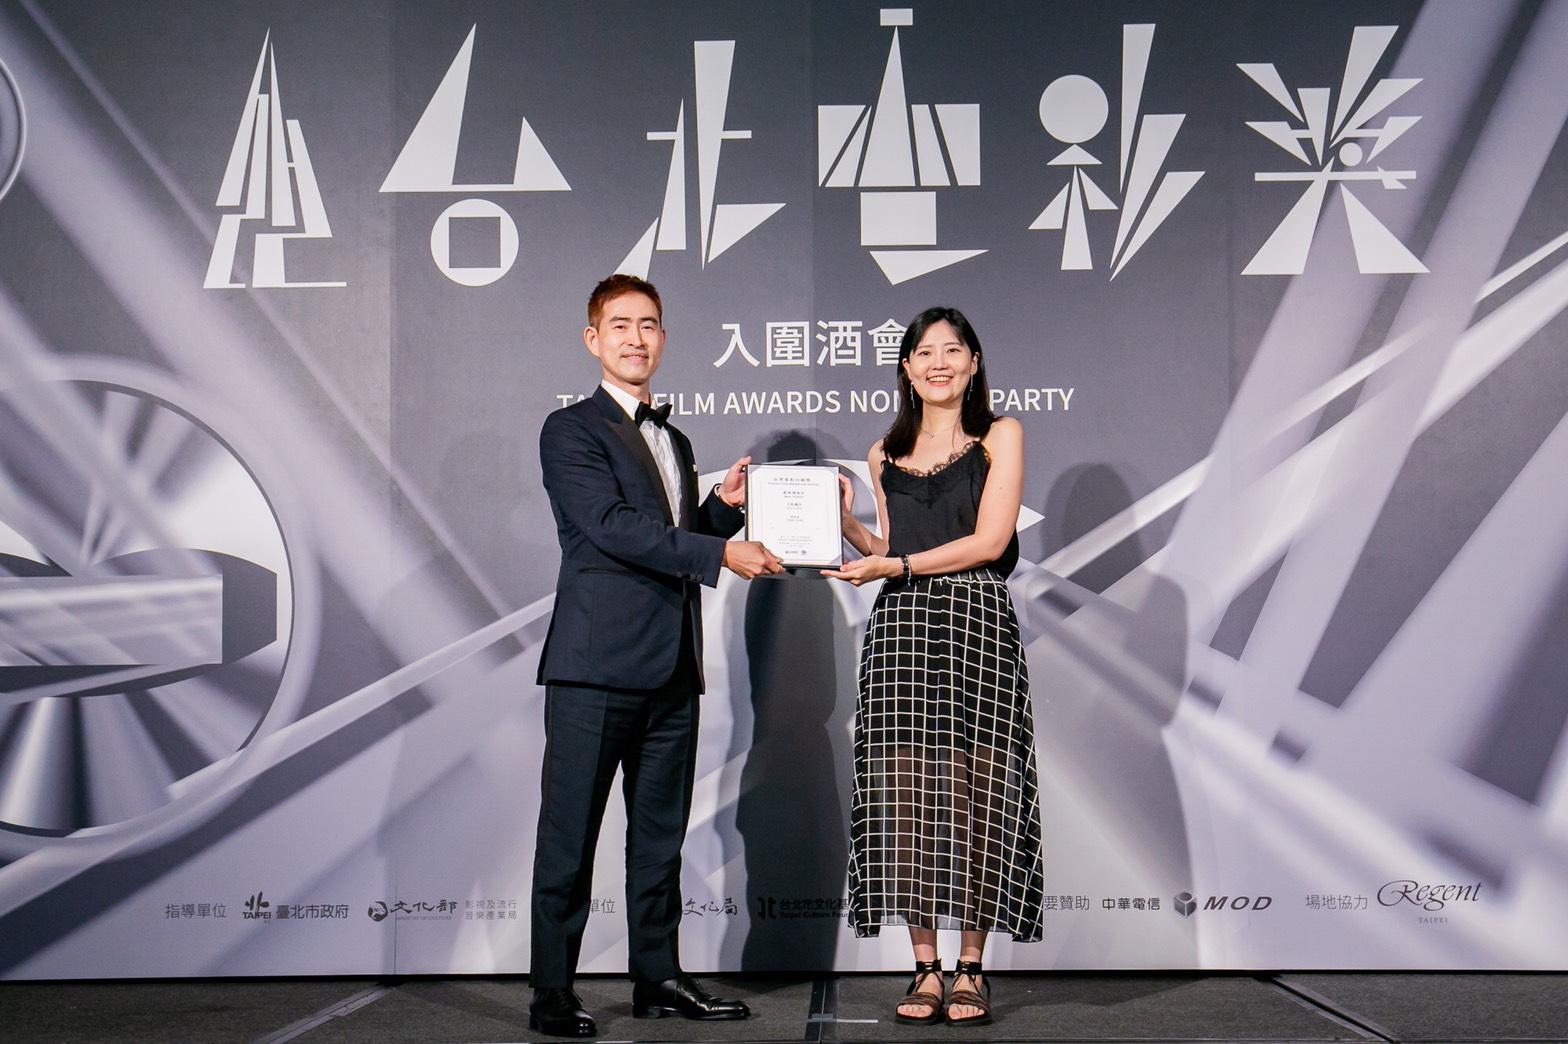 美商索尼影業台灣分公司總經理余卜康頒發最佳預告給《大餓》預告剪輯湯宜菲。